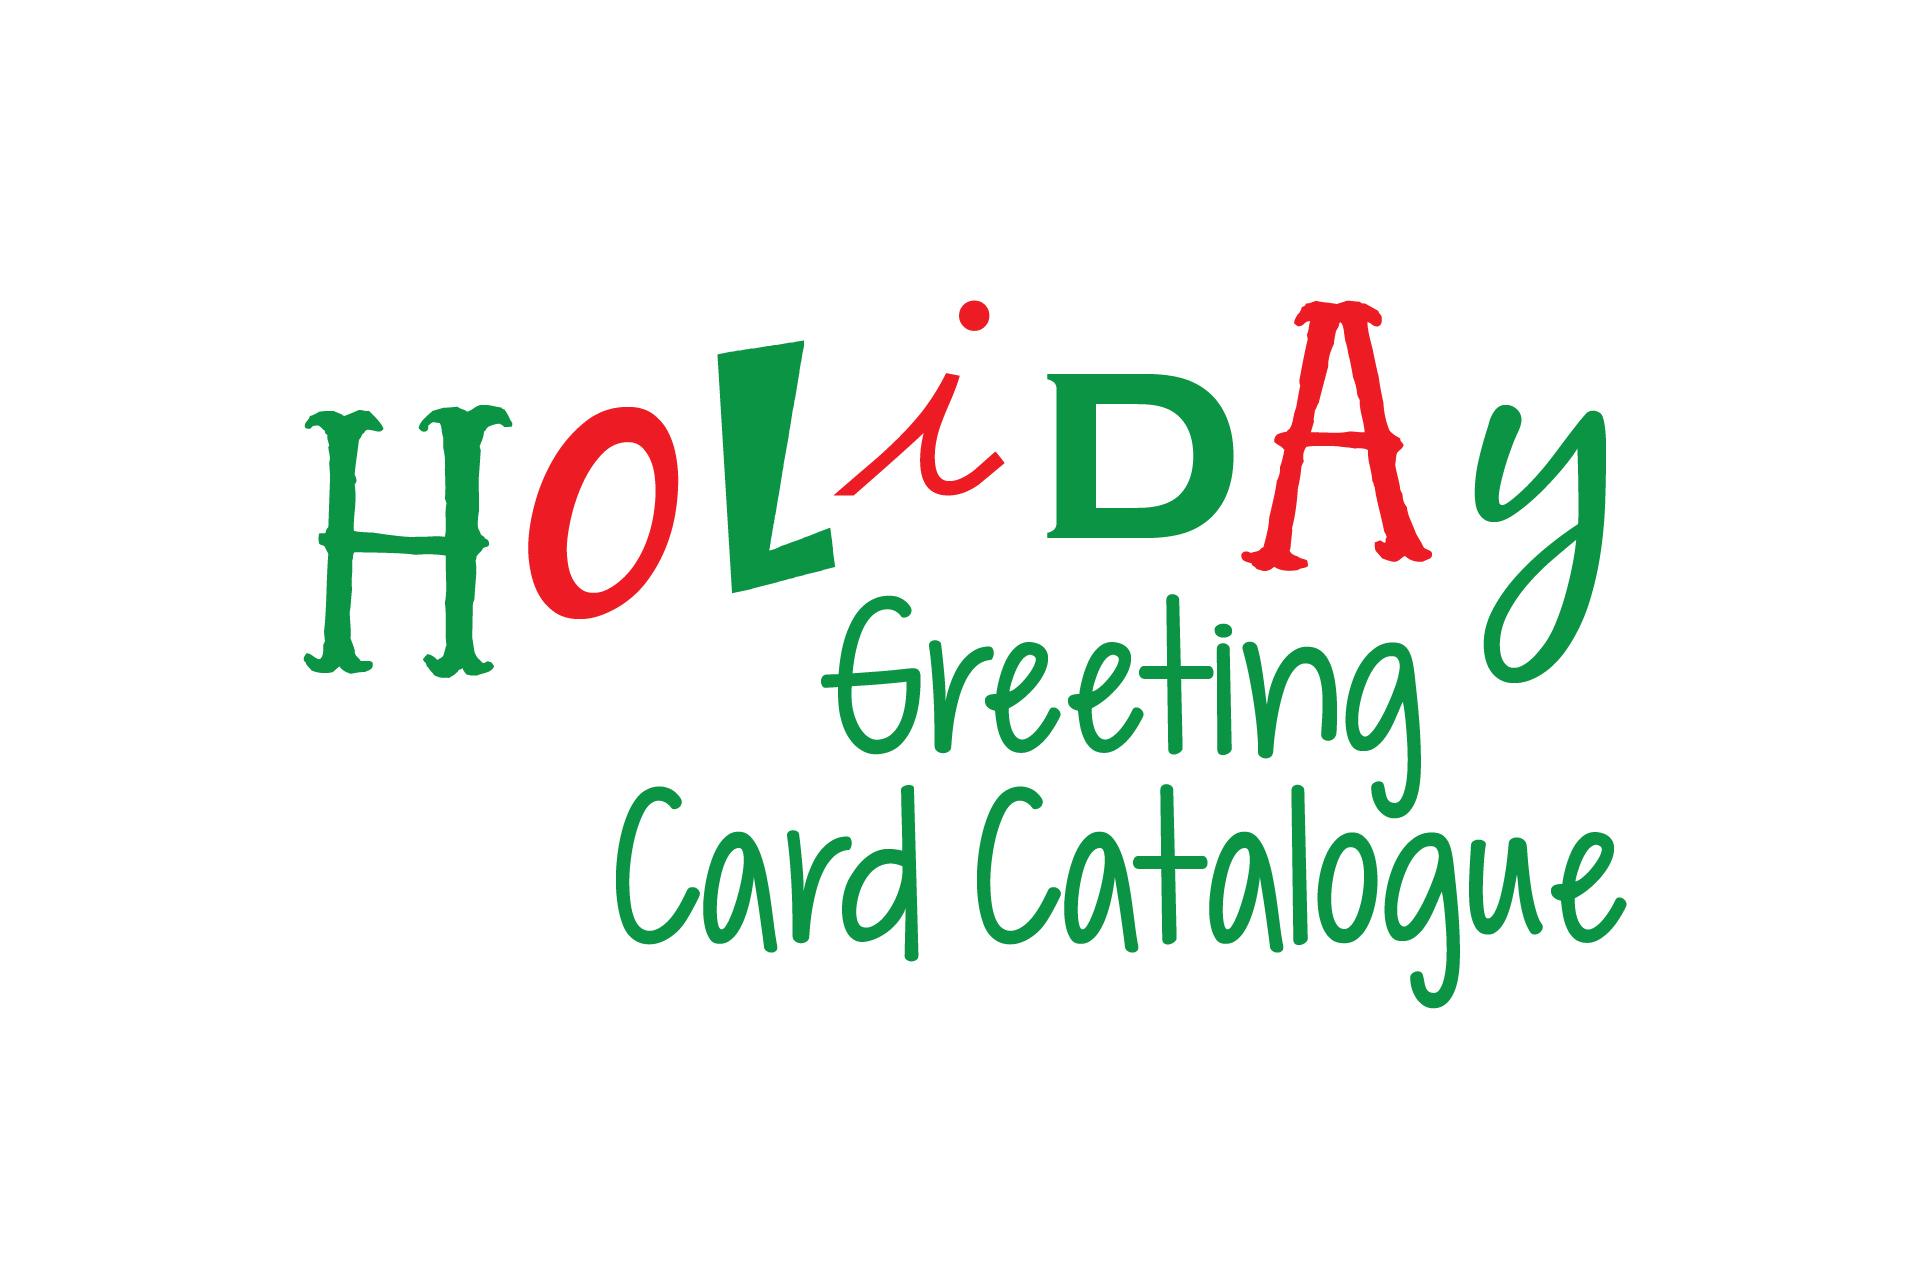 holiday greeting card catalogue